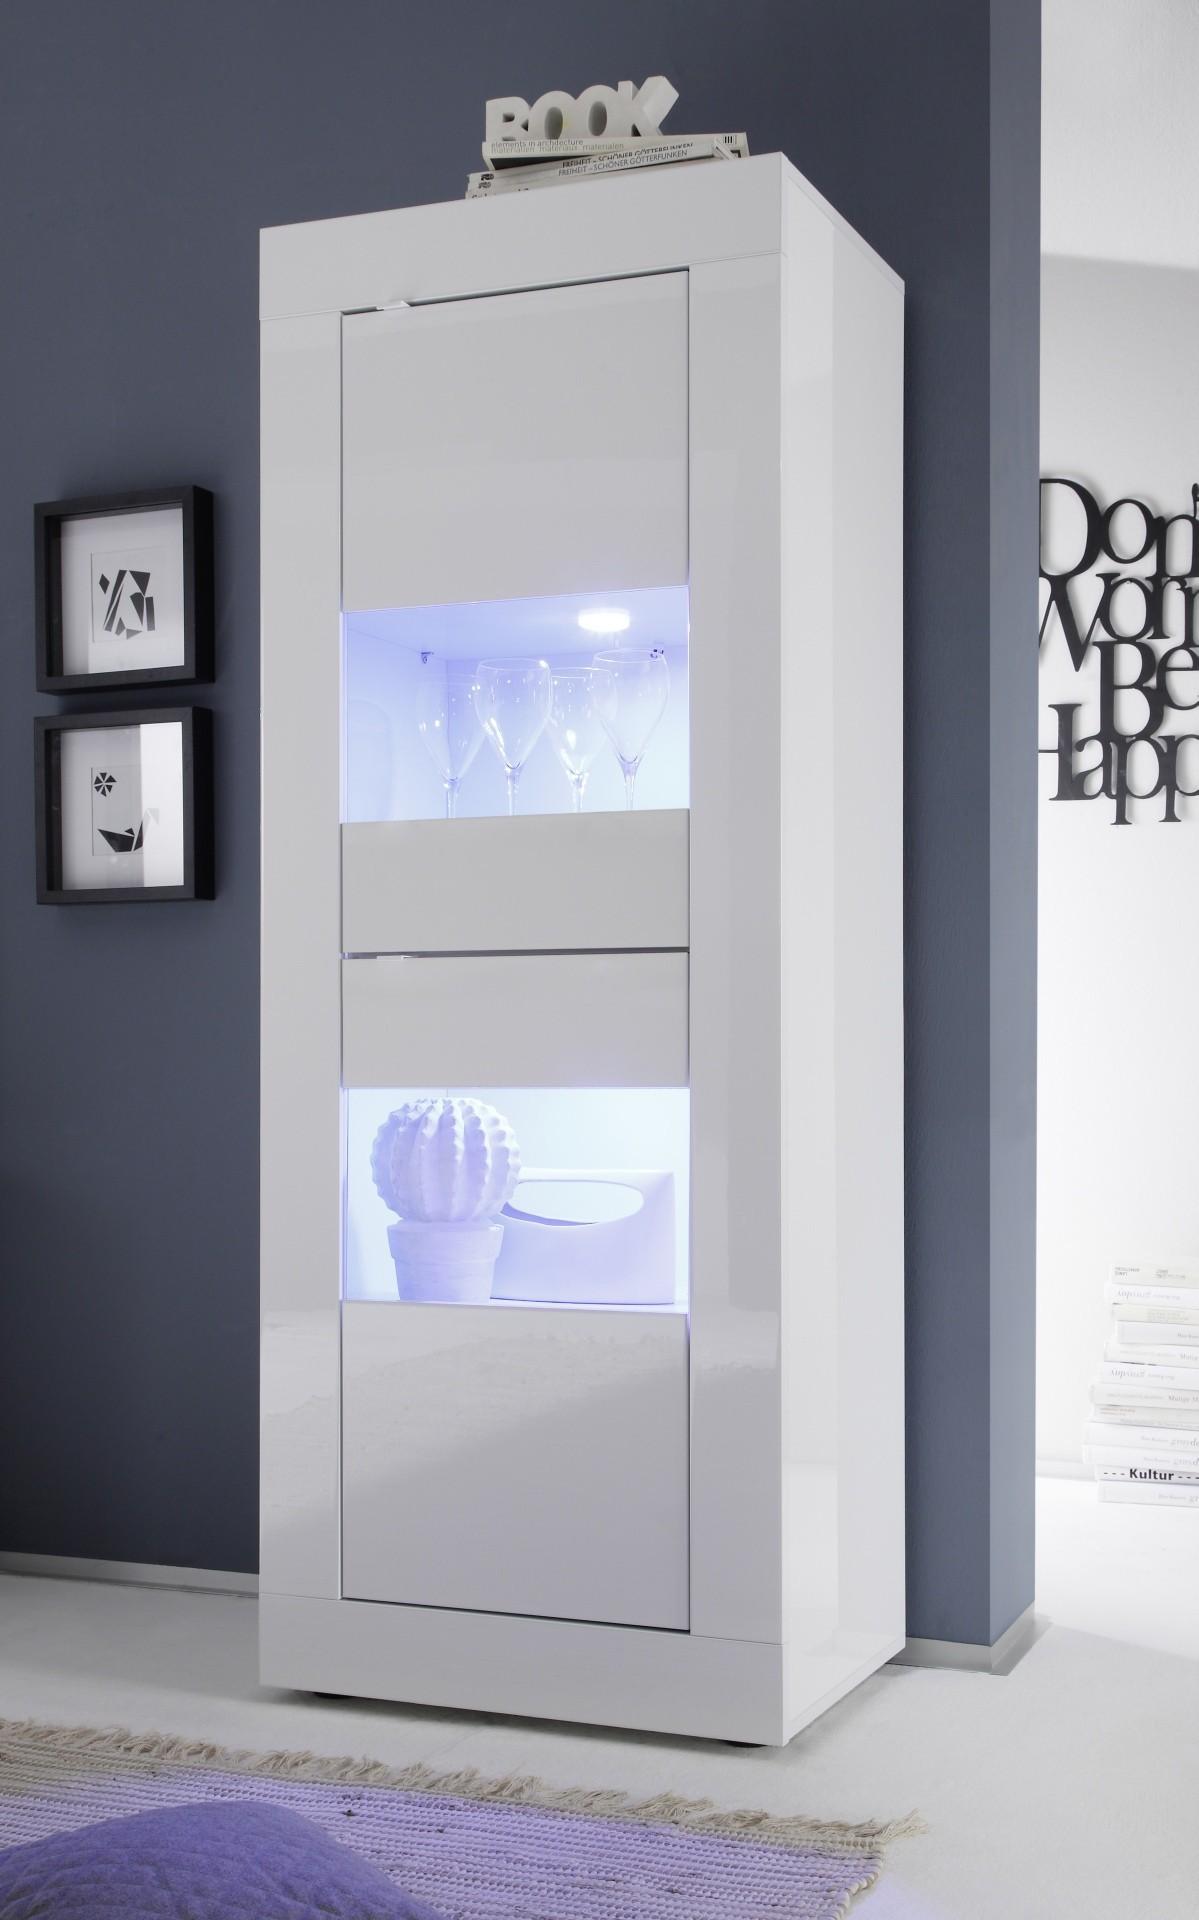 Bahut Haut Toronto Blanc 2 Portes Vitr Es # Meubles Haut Blanc Laque Pour Salon